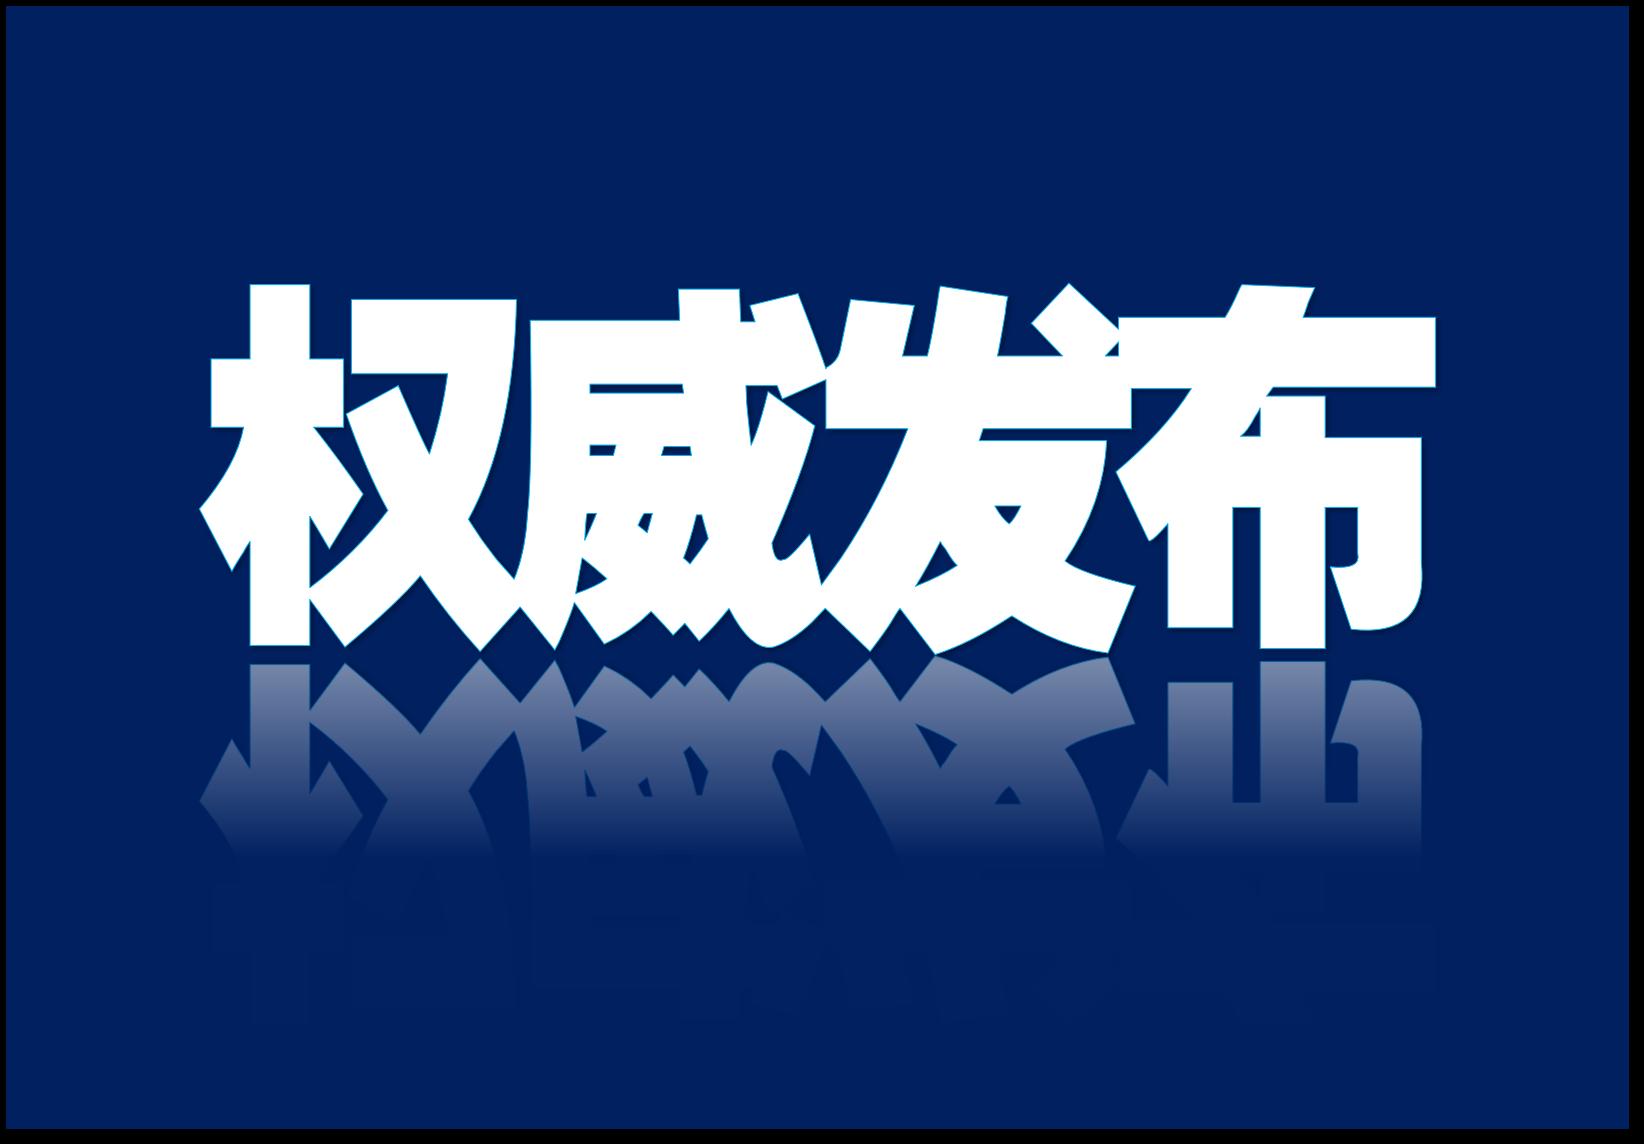 天津市津南区人大常委会党组副书记、副主任韩志秋接受纪律审查和监察调查